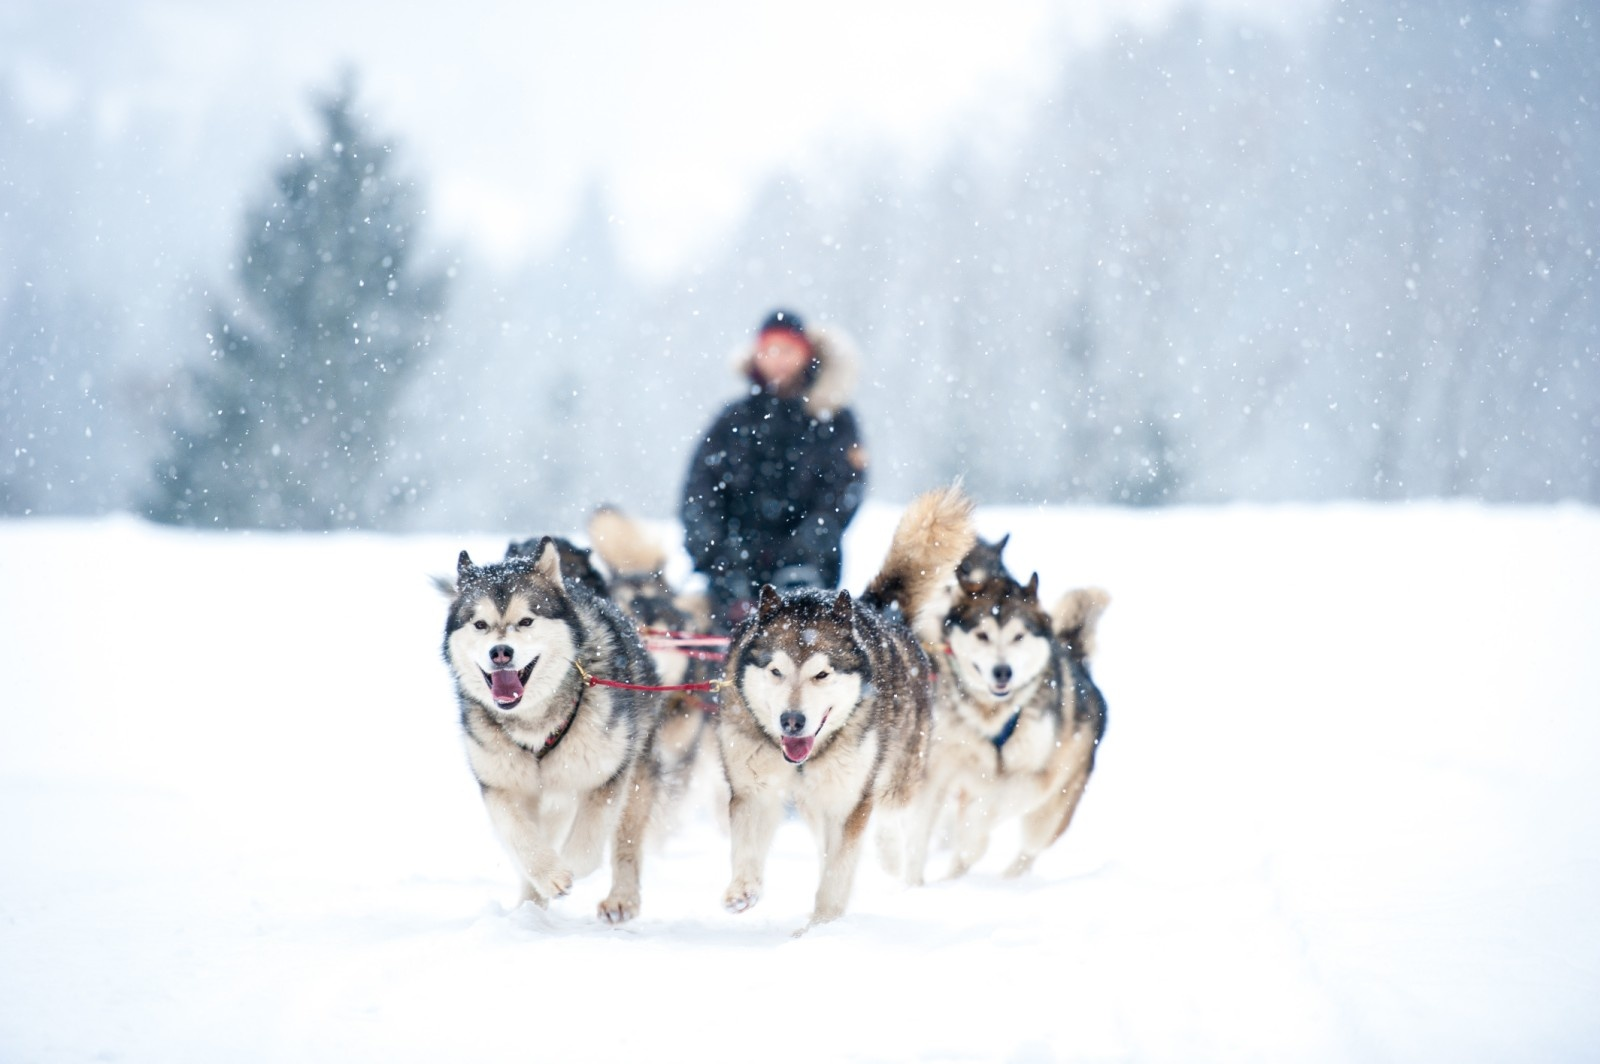 X-Back harnais pour chien pour le vélo, ski-joering, scooter, traîneau - en noir avec un rembourrage bleu clair - Copy